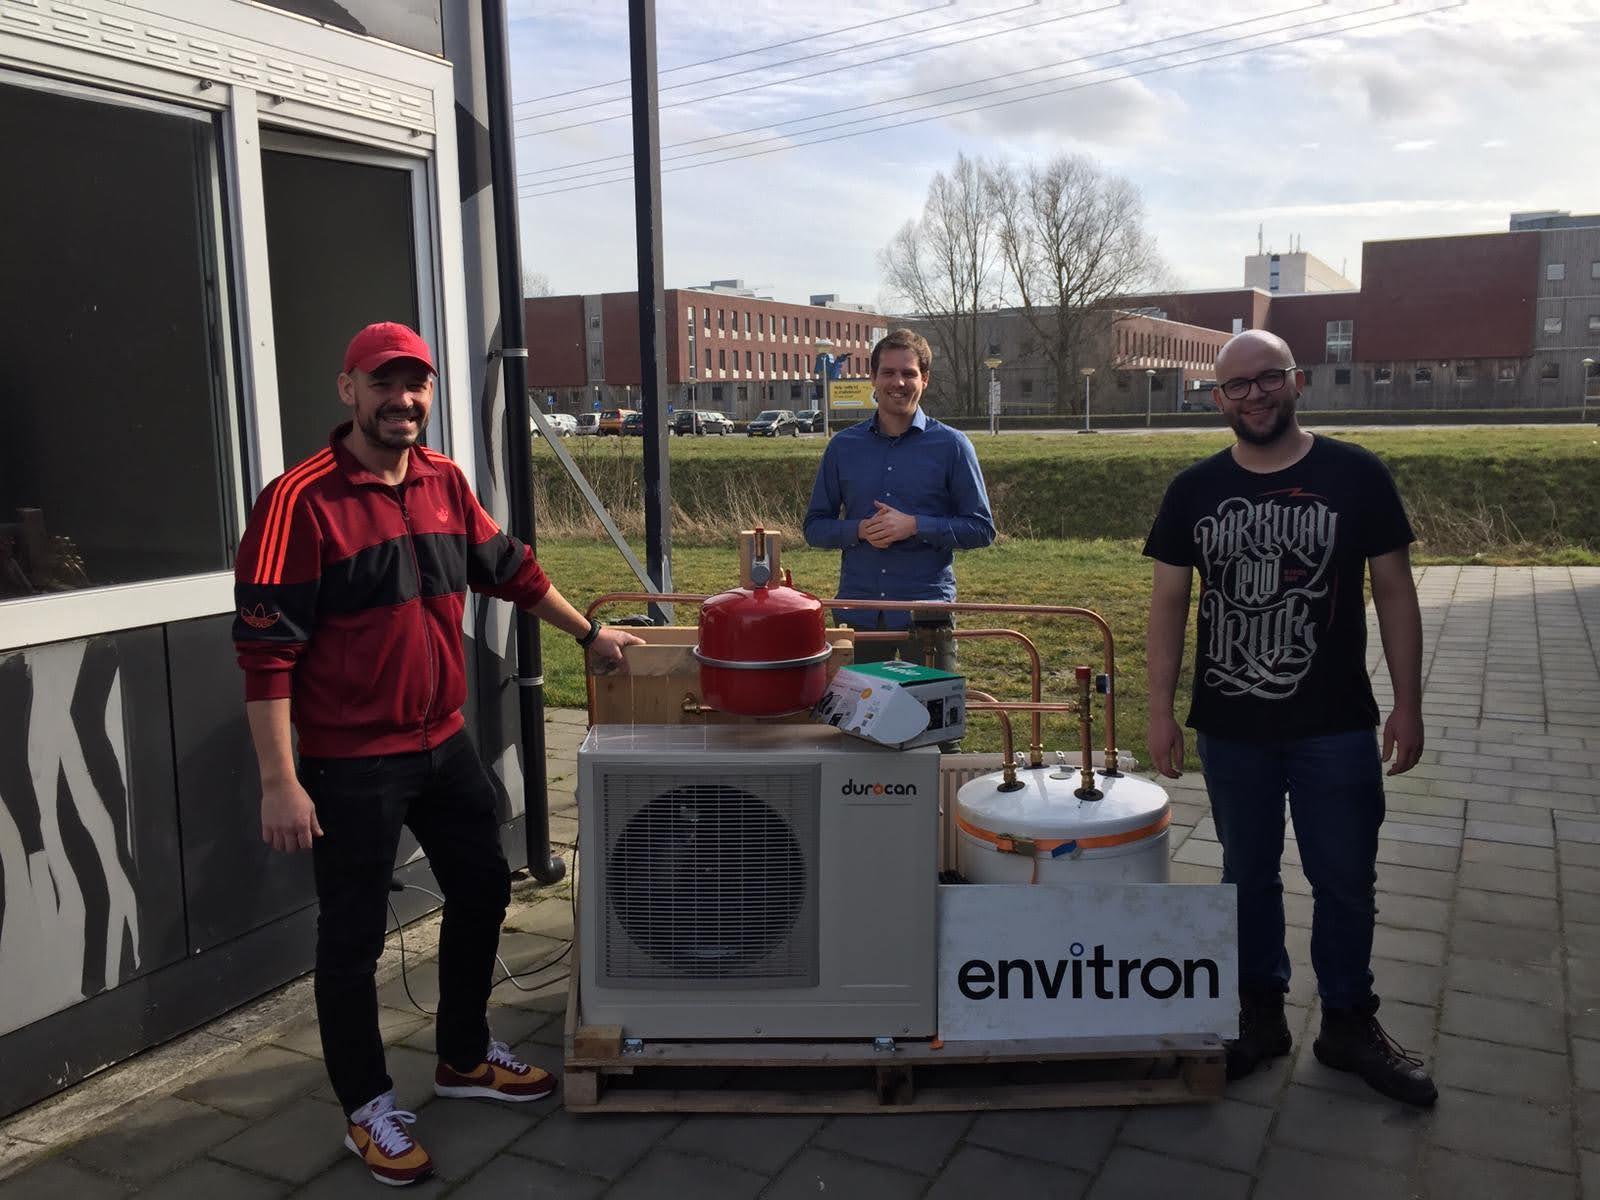 Durocan En Envitron Testen Energiebesparende Regeling Voor Warmtepompen